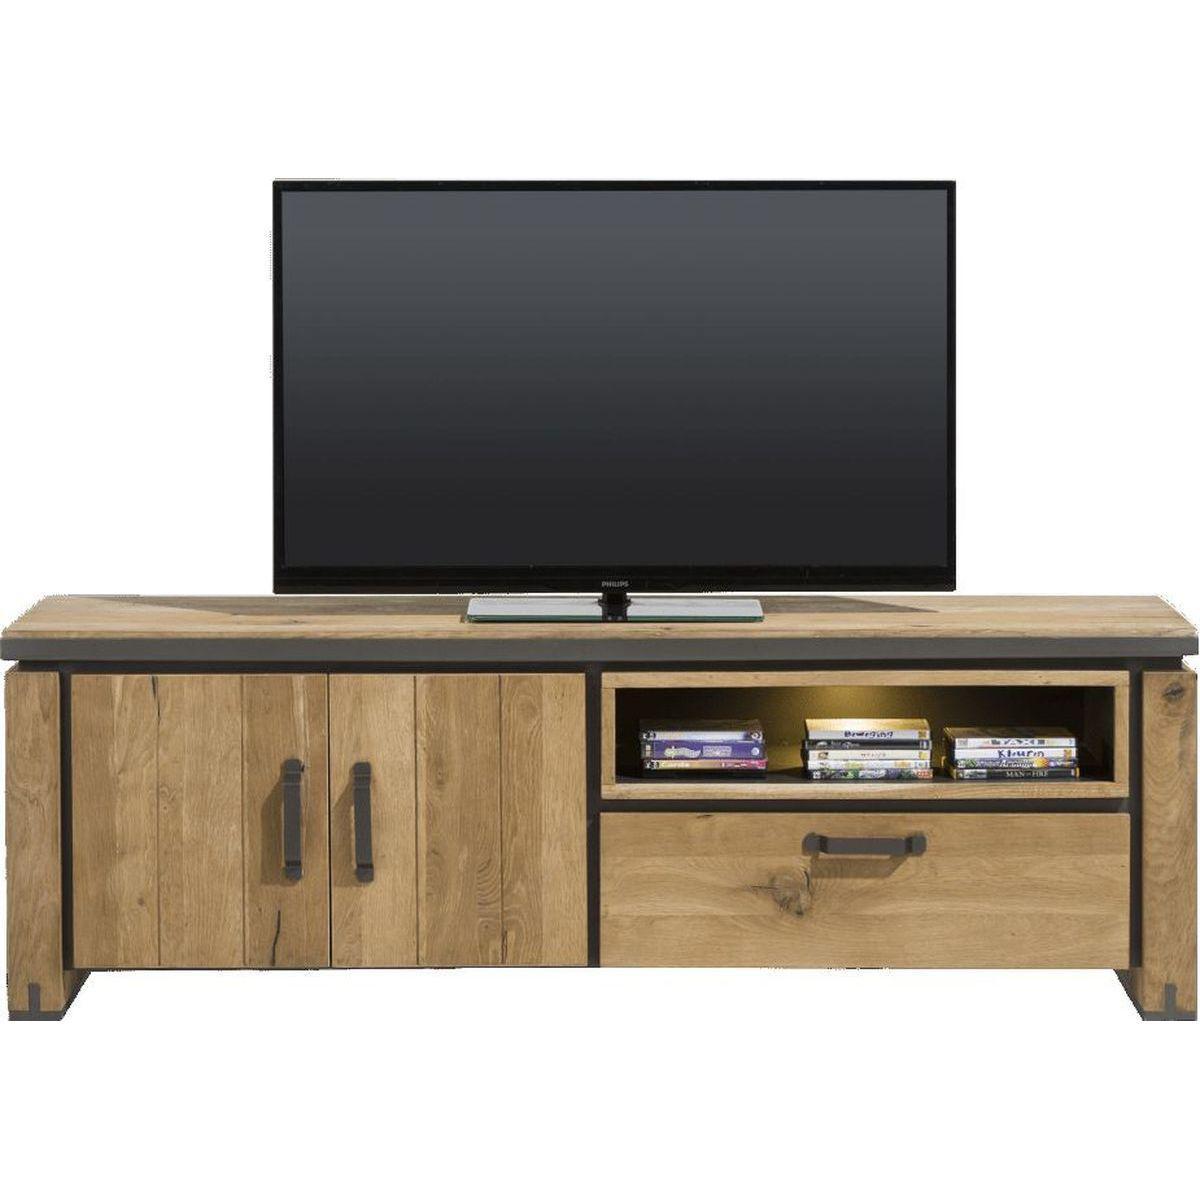 Lowboard FARMLAND H&H 180cm